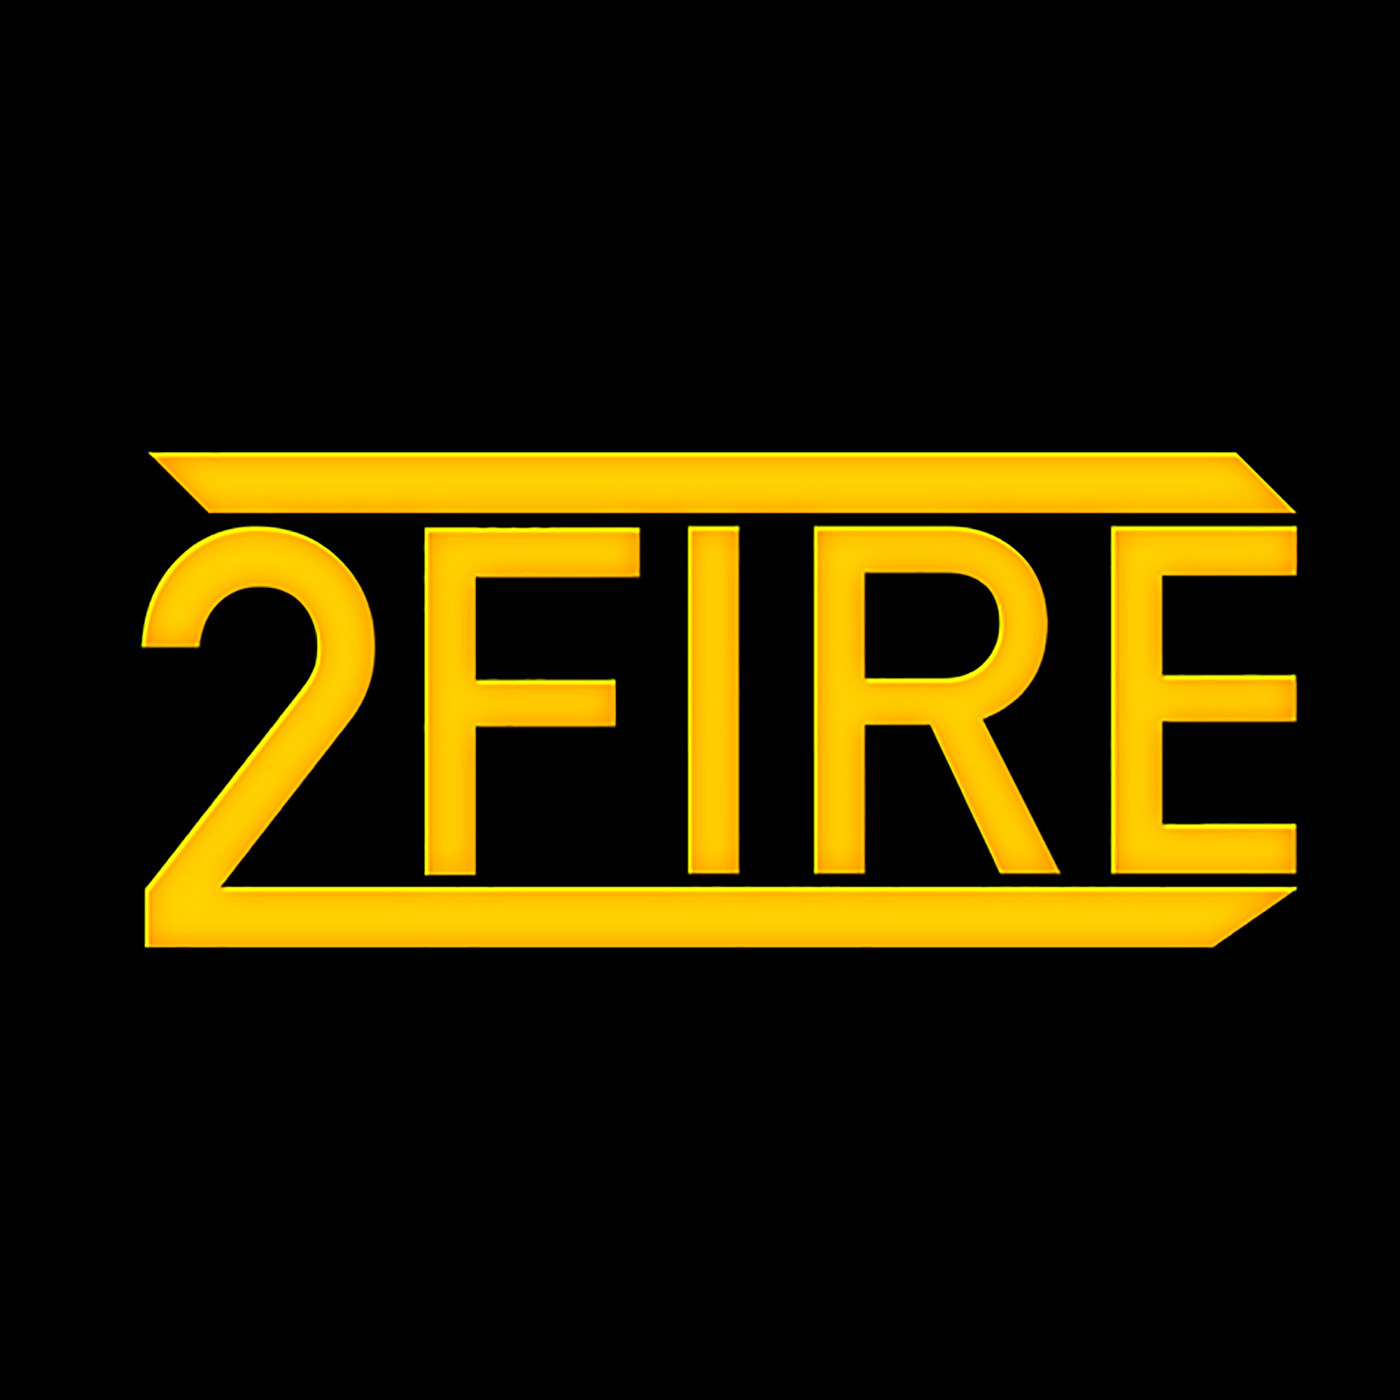 2Fire